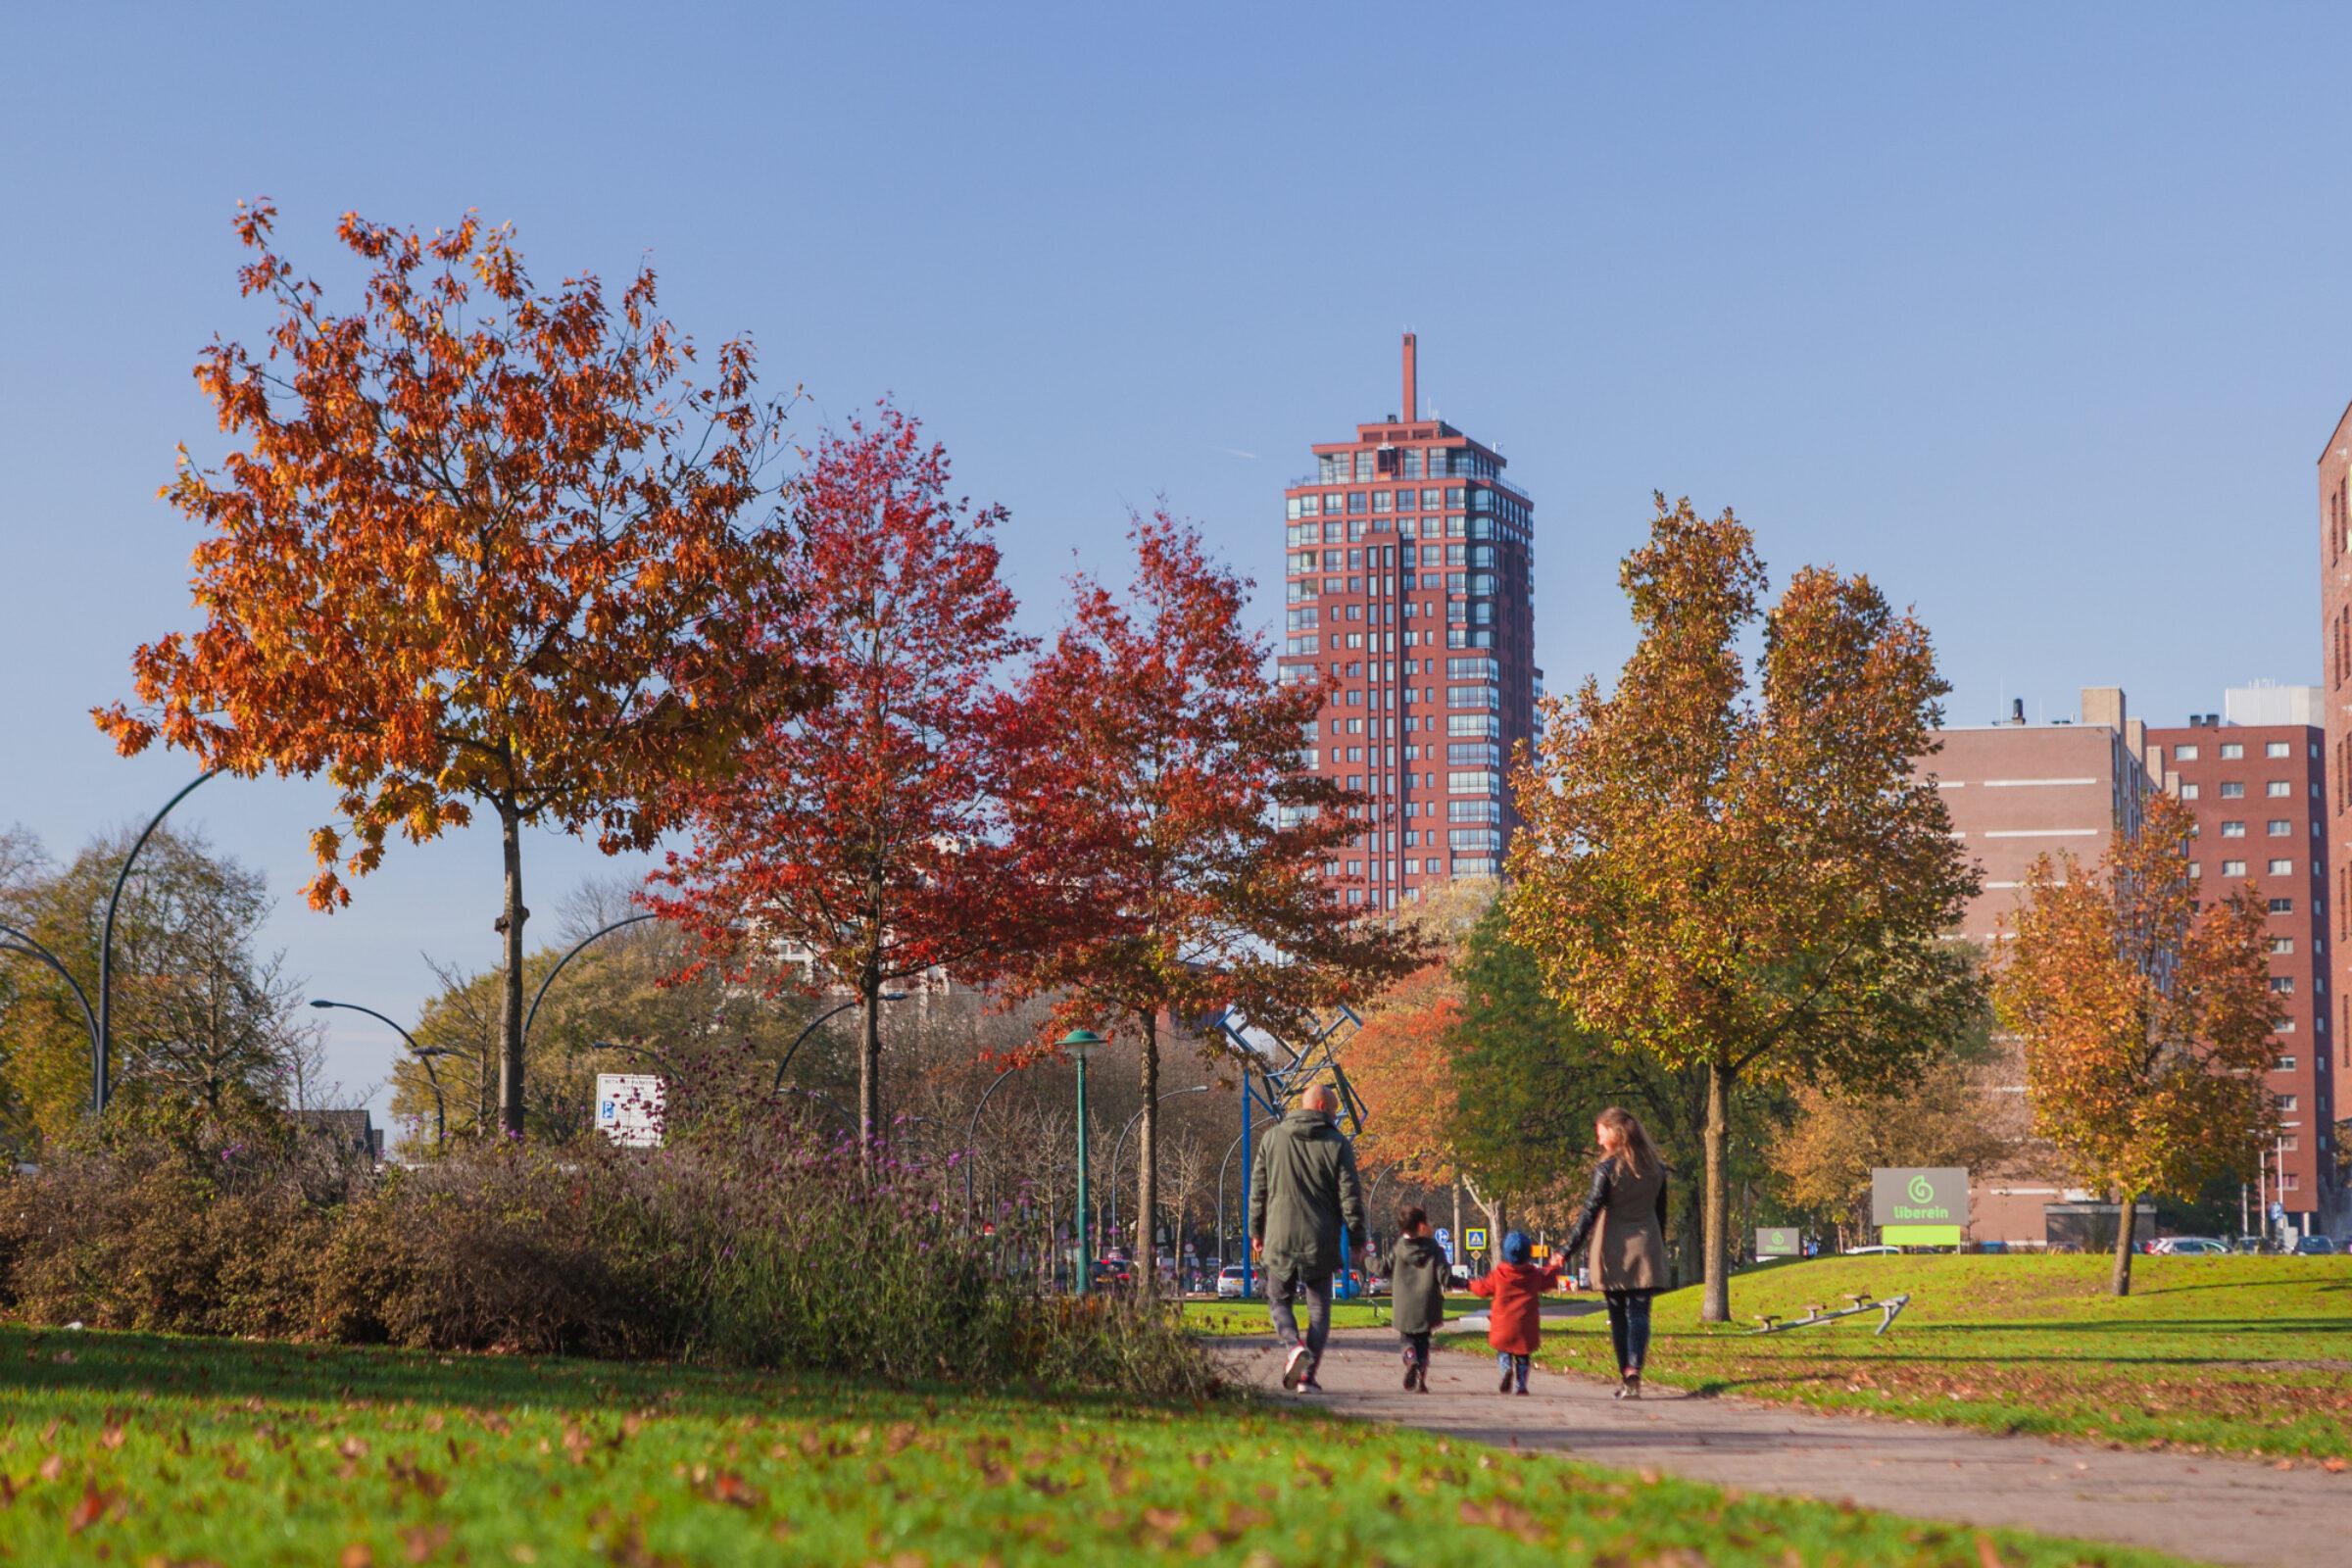 Herfstvakantie in Enschede